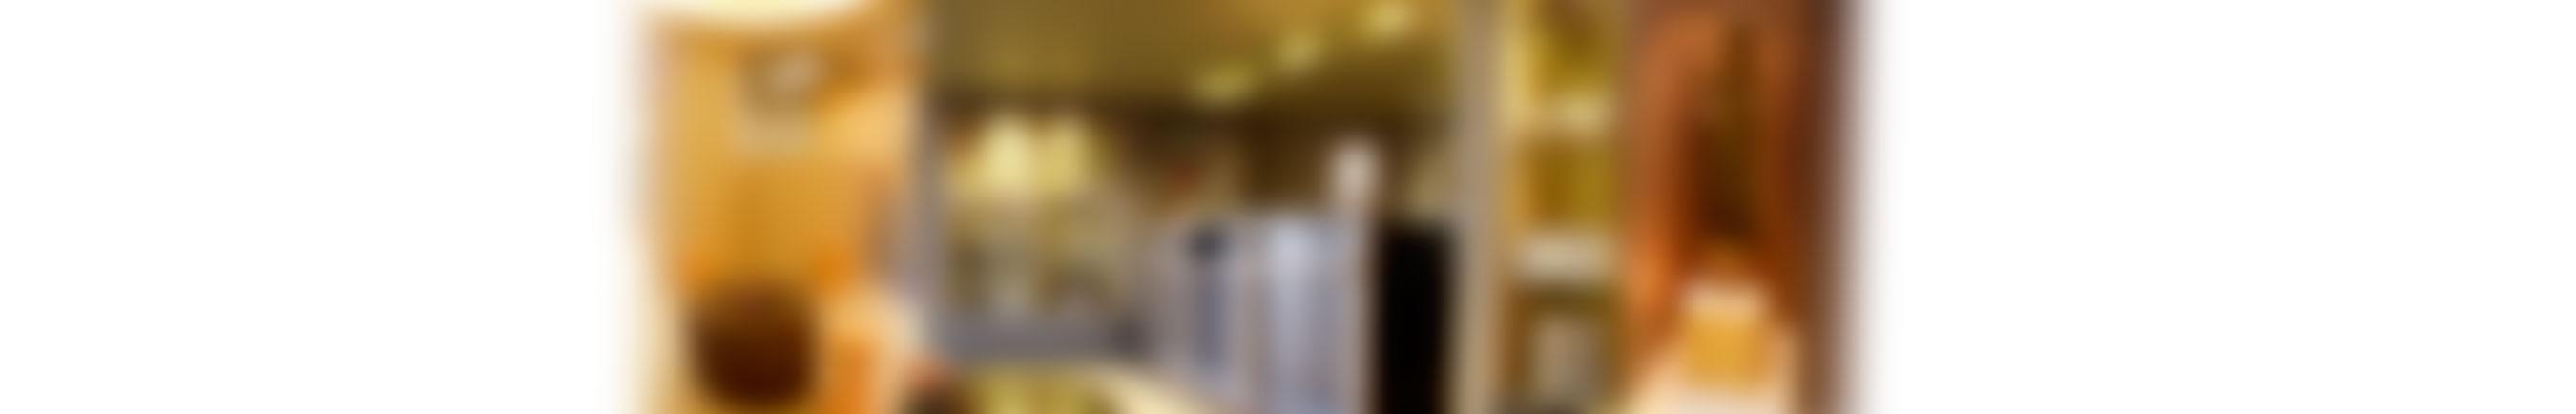 spa-bannerblur